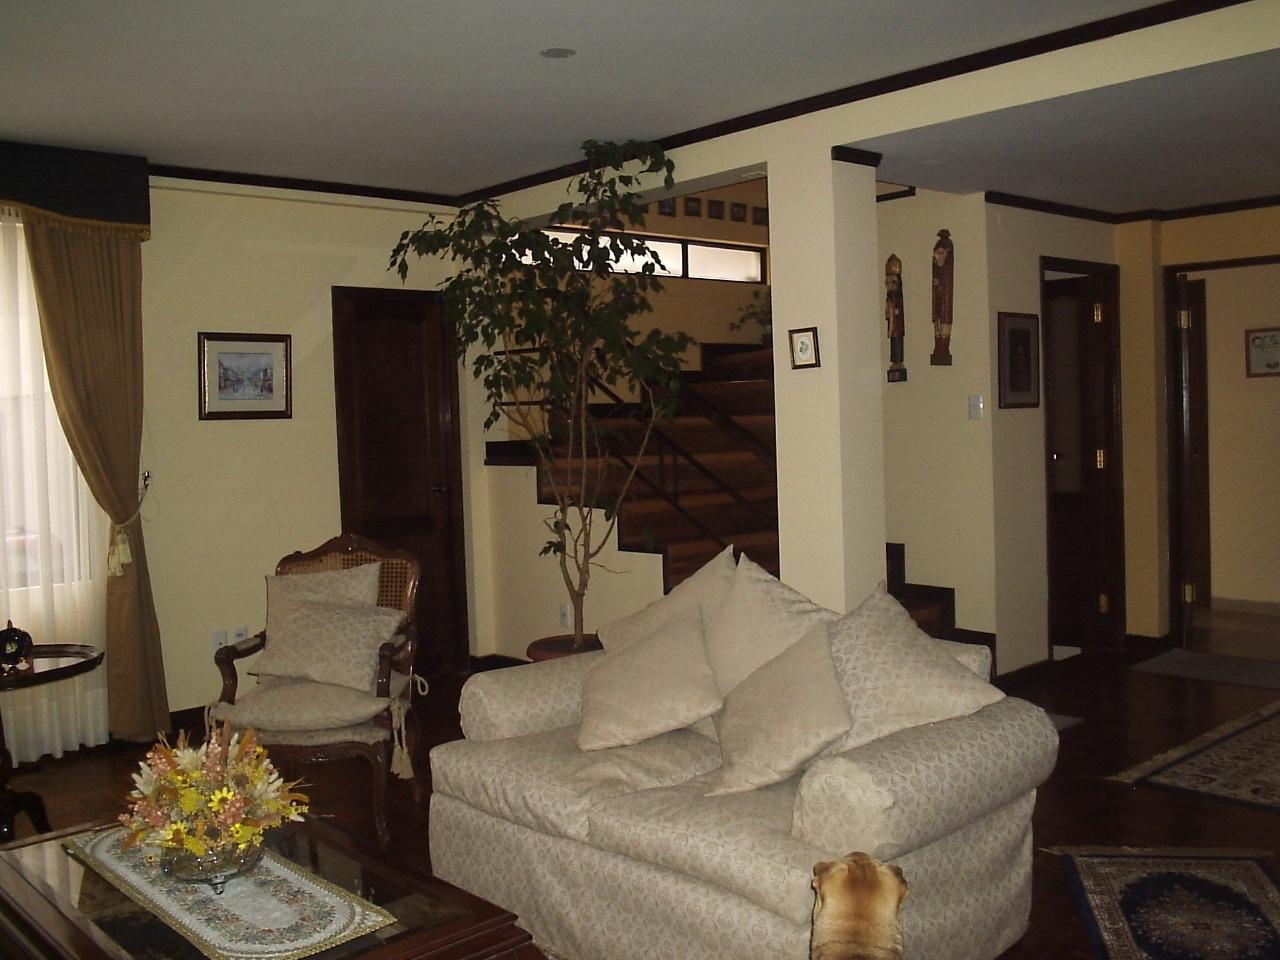 Casa en Venta Achumani inmediaciones calle 25, A pocas cuadras del viaducto San Ramon  Foto 8